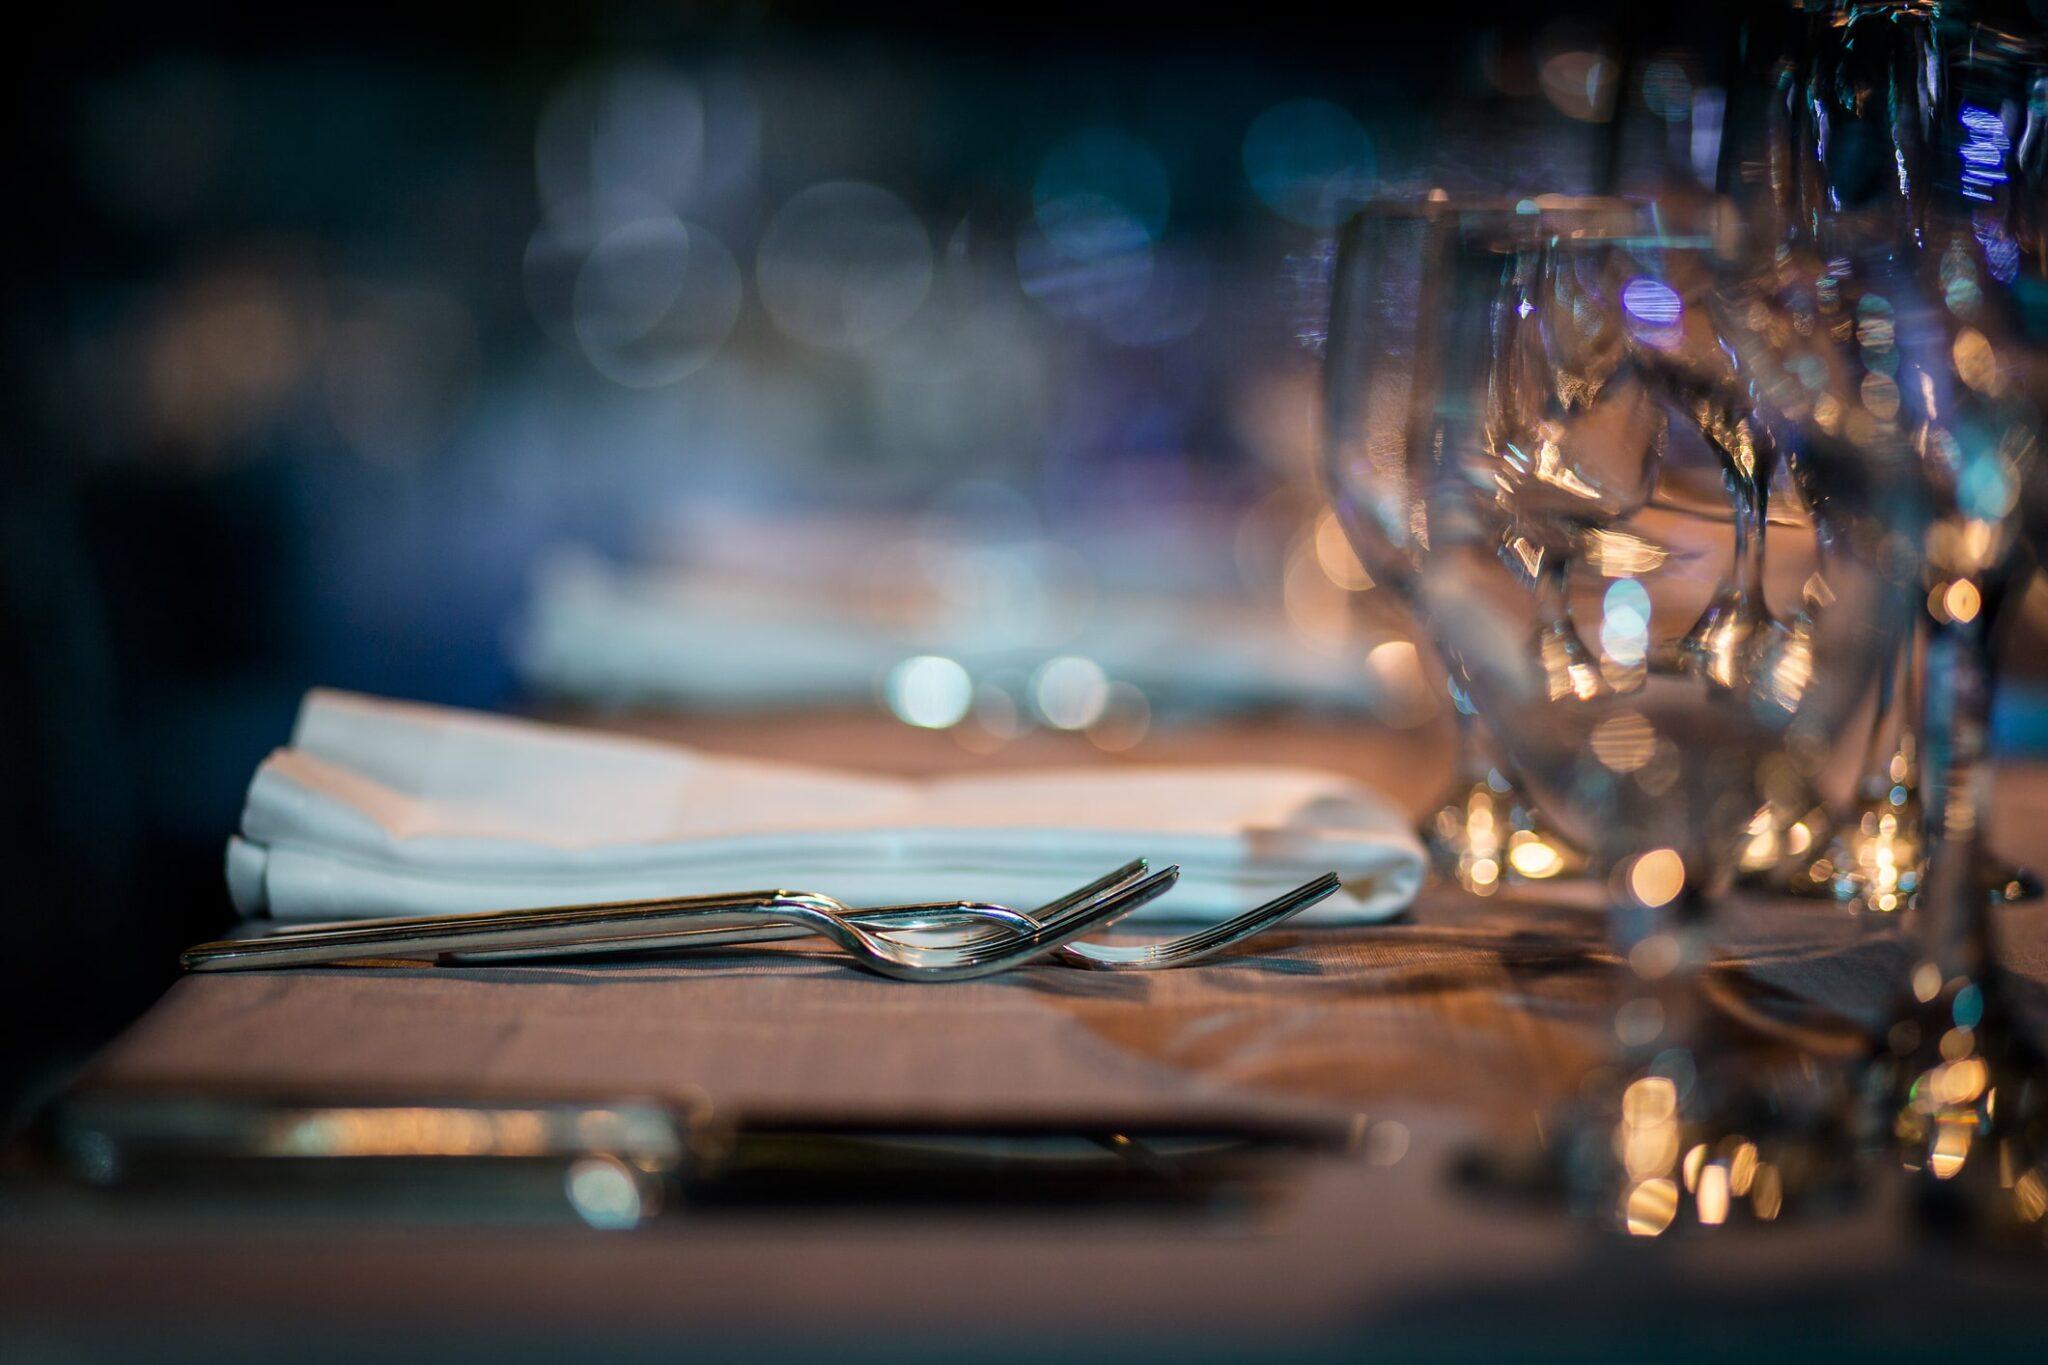 Kro med restaurant og overnatning i nærheden af Vejle